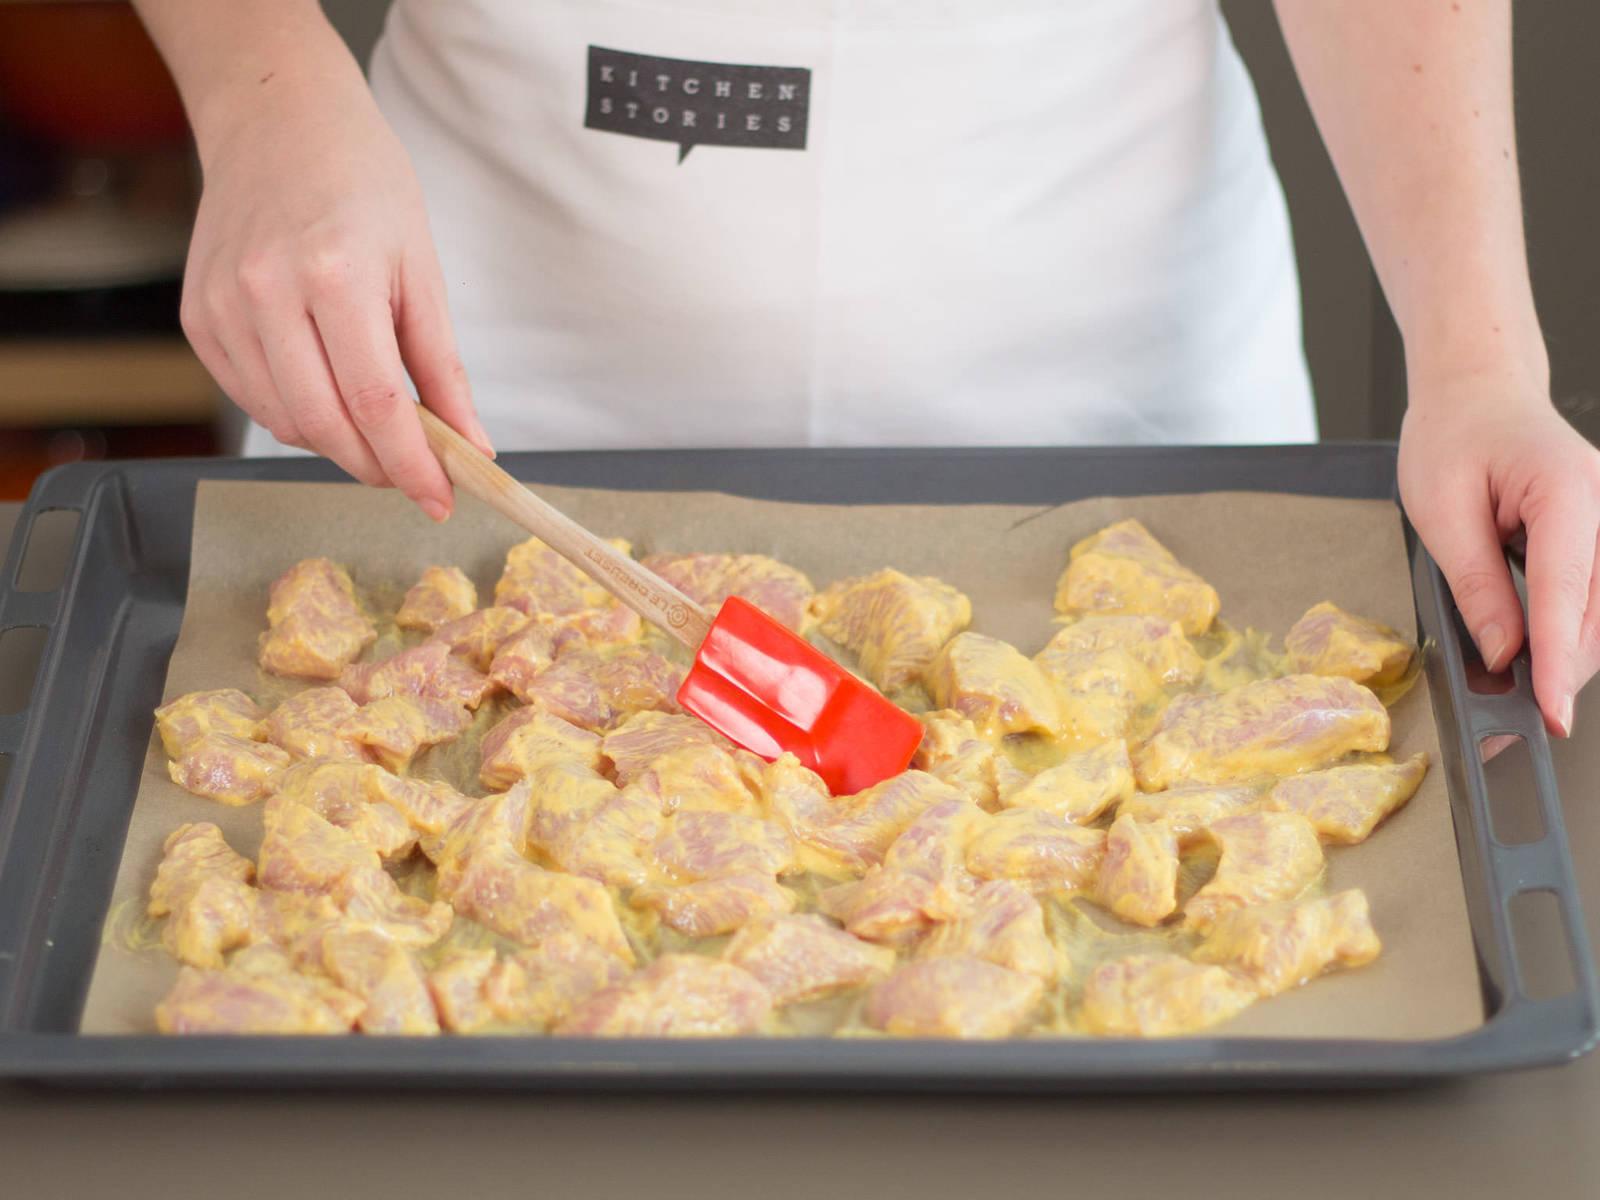 Backofen auf 180°C vorheizen. Mariniertes Hühnchen auf ein mit Backpapier ausgelegtes Backblech geben und ca. 25 – 30 Min. backen.